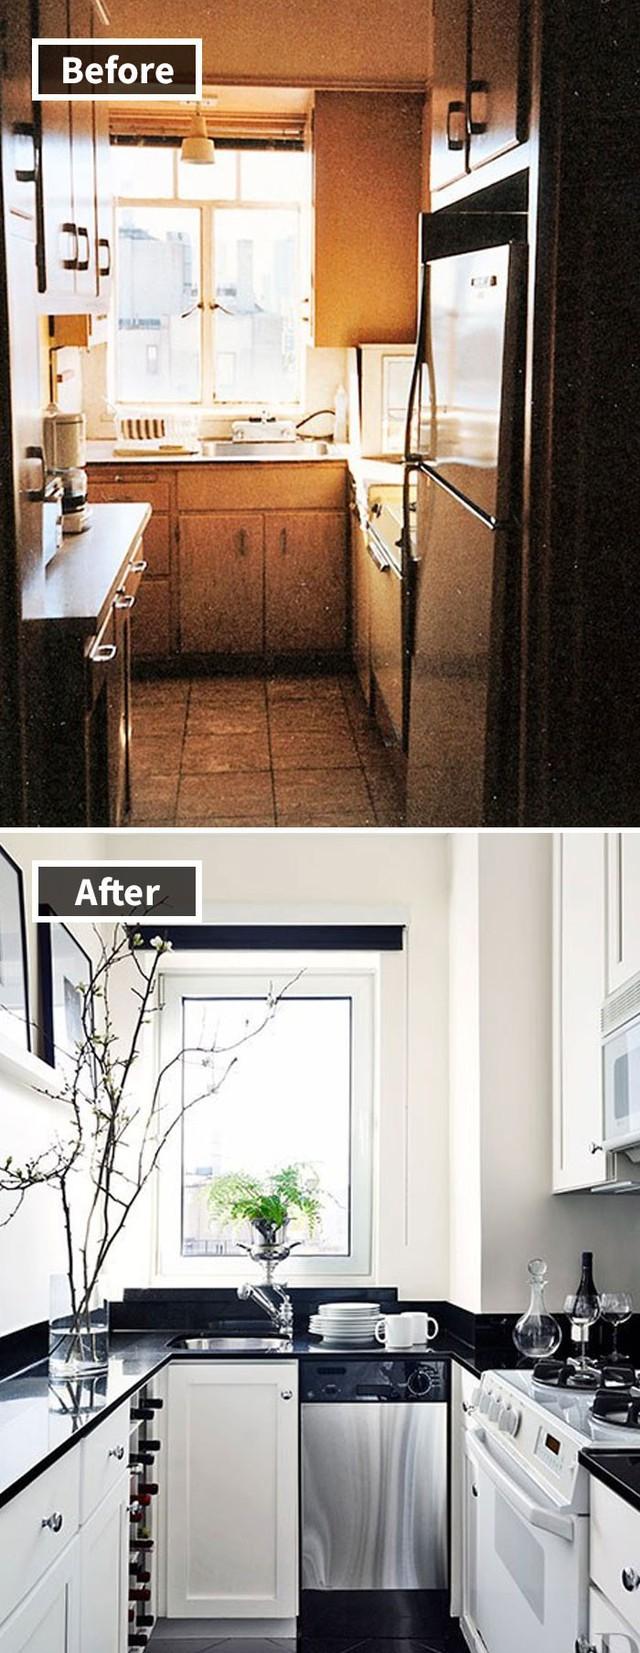 Những hình ảnh trước và sau khi phòng cũ được phù phép thành phòng mới khiến quý khách chẳng thể tin vào mắt mình - Ảnh 5.